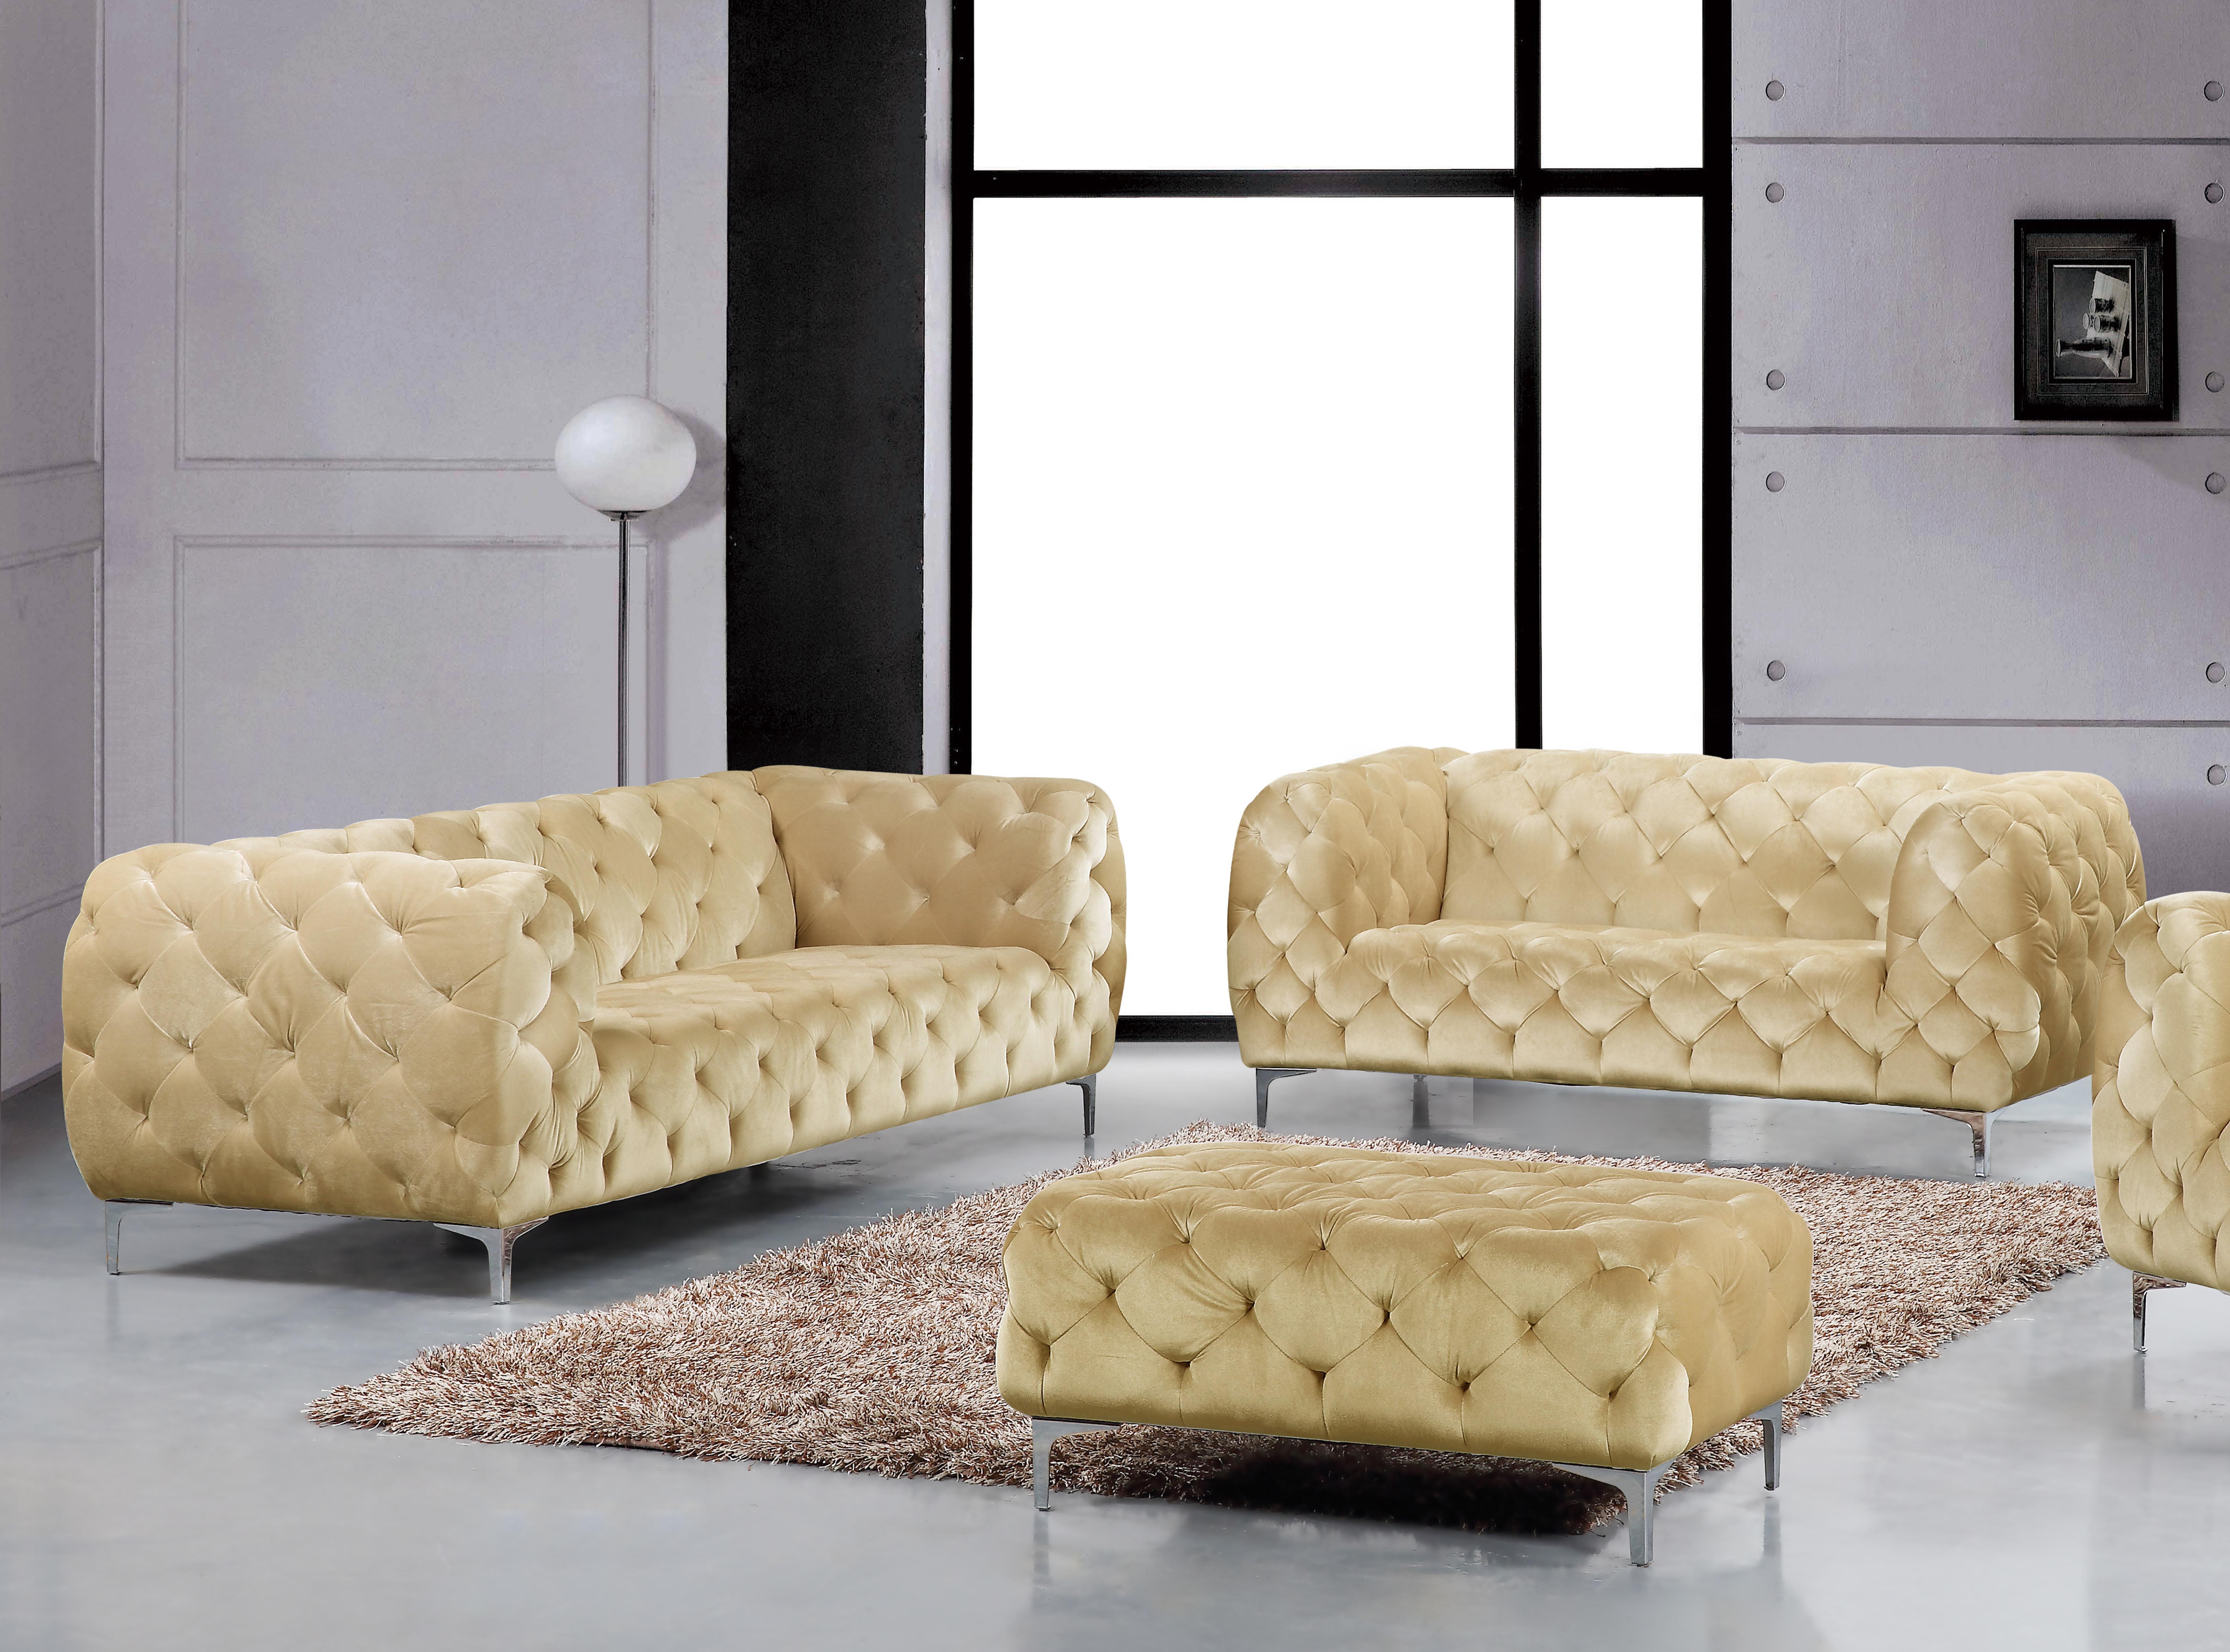 Beige Velvet Tufted Sofa Loveseat Set 2pc Modern Meridian Furniture 646 Mercer 646be Set 2